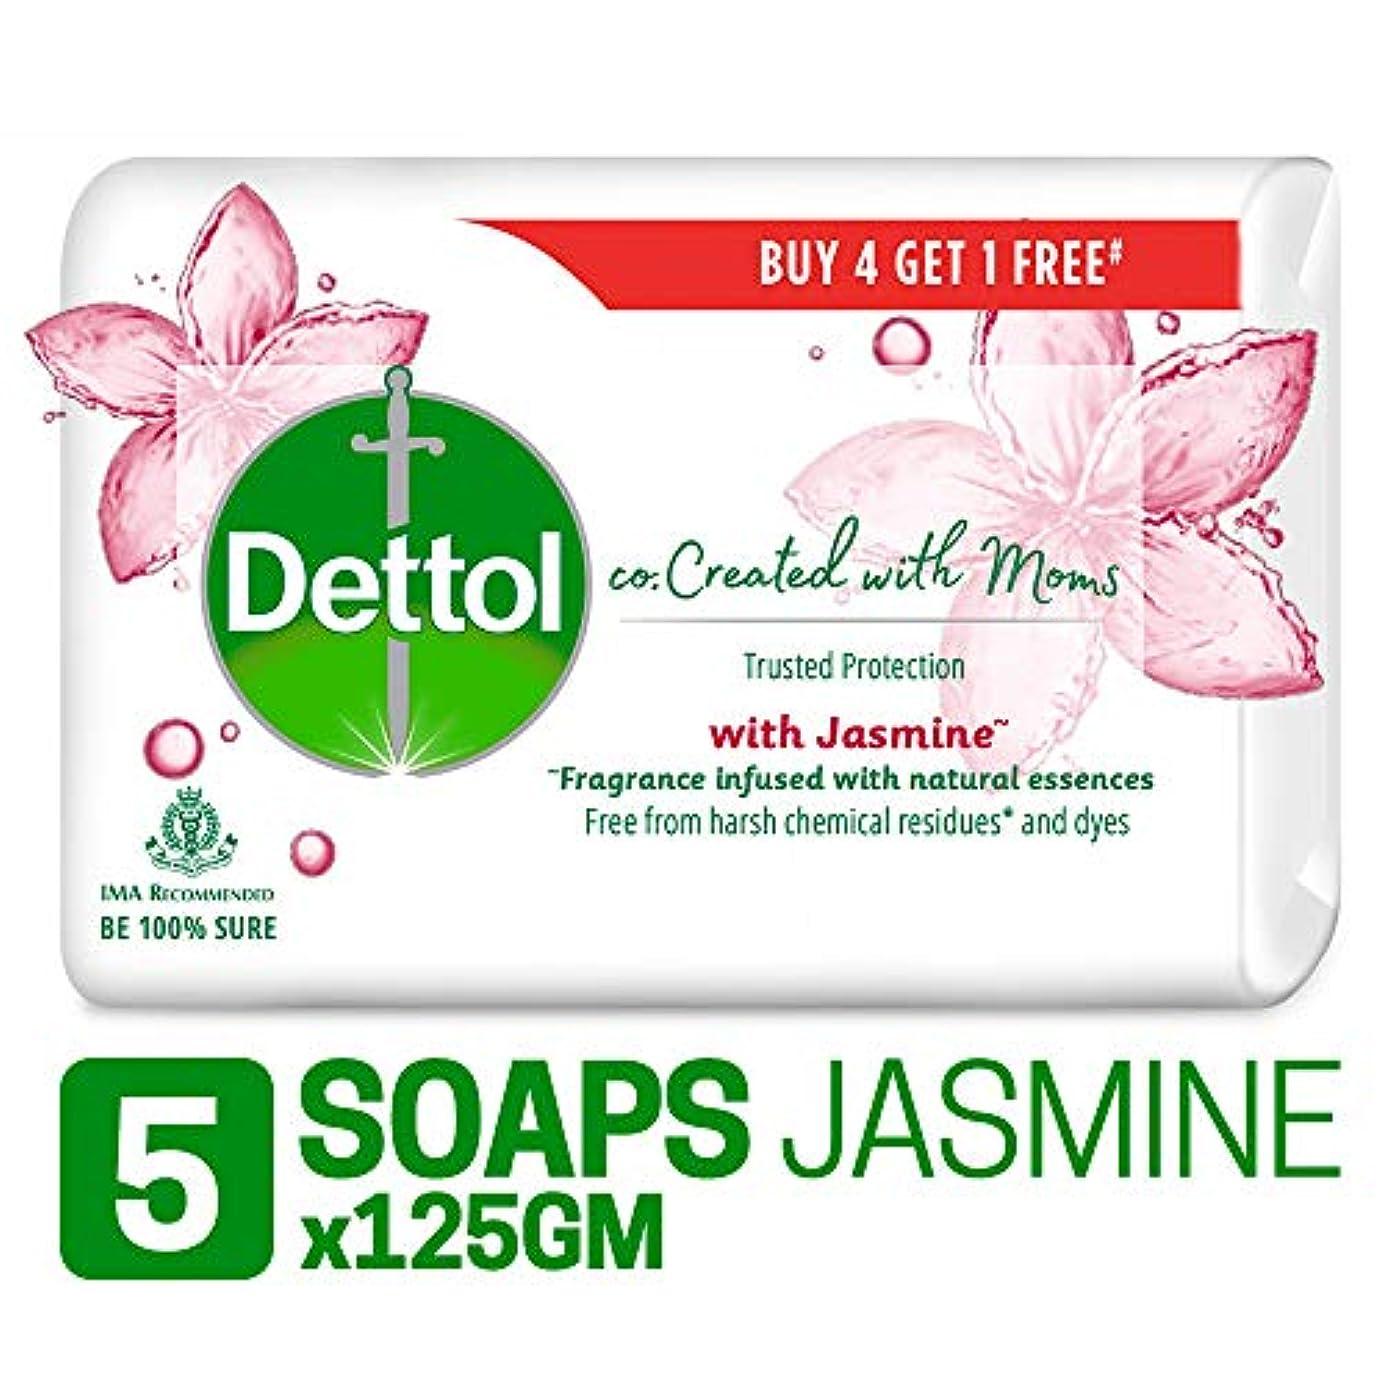 着飾るボール滅びるDettol Co-created with moms Jasmine Bathing Soap, 125gm (Buy 4 Get 1 Free)